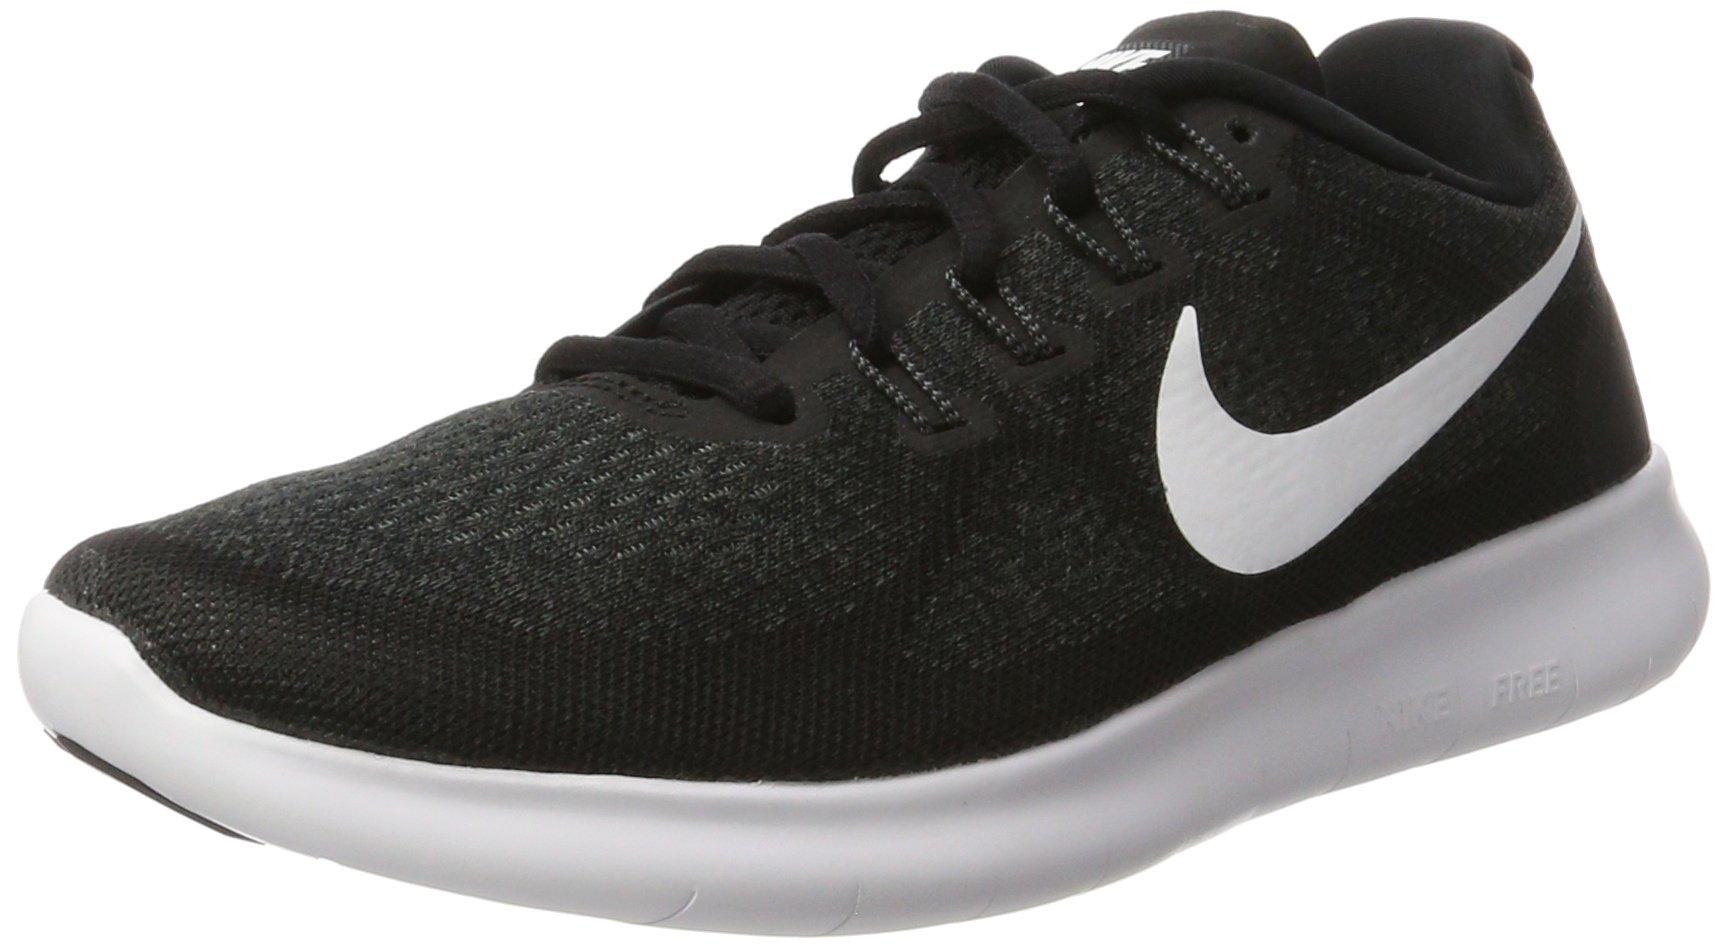 Nike Men's Free RN 2017 Running Shoe Black/White/Dark Grey/Anthracite Size 13 M US by Nike